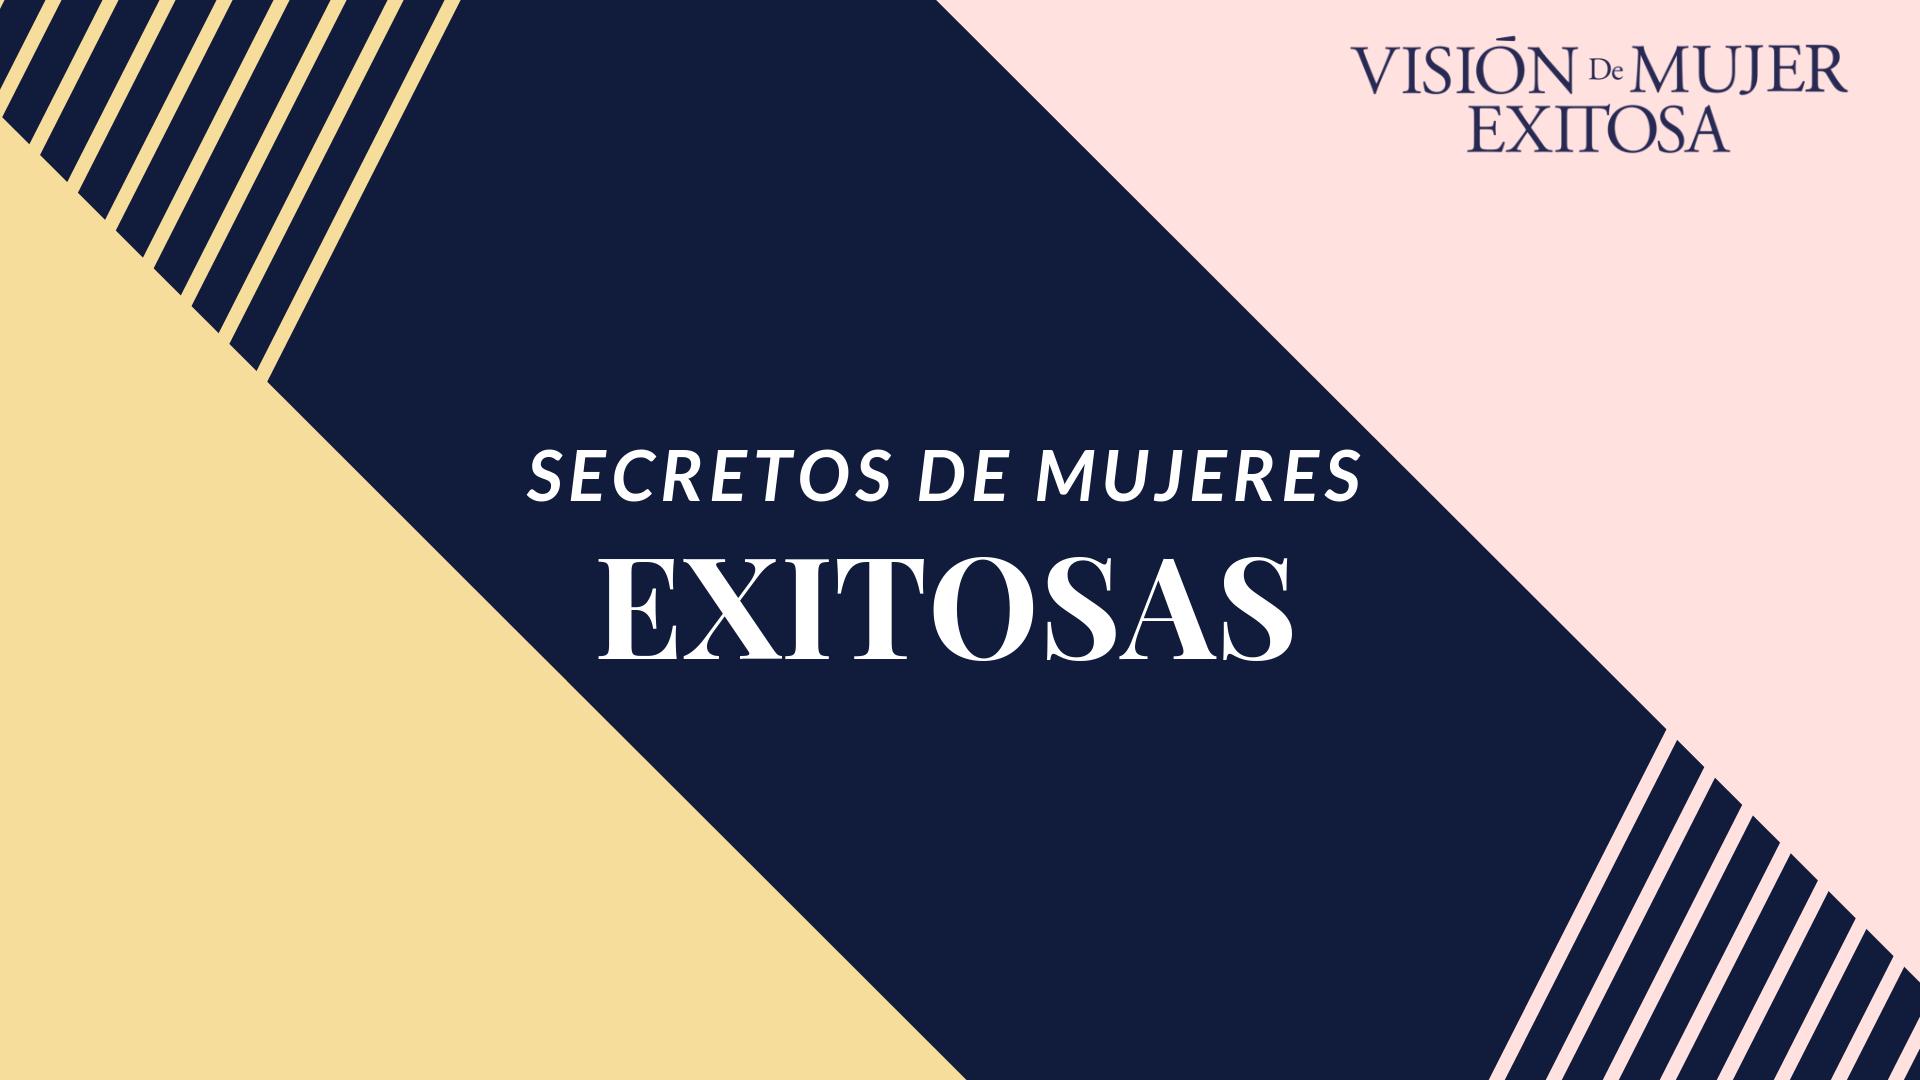 Secretos de mujeres exitosas.